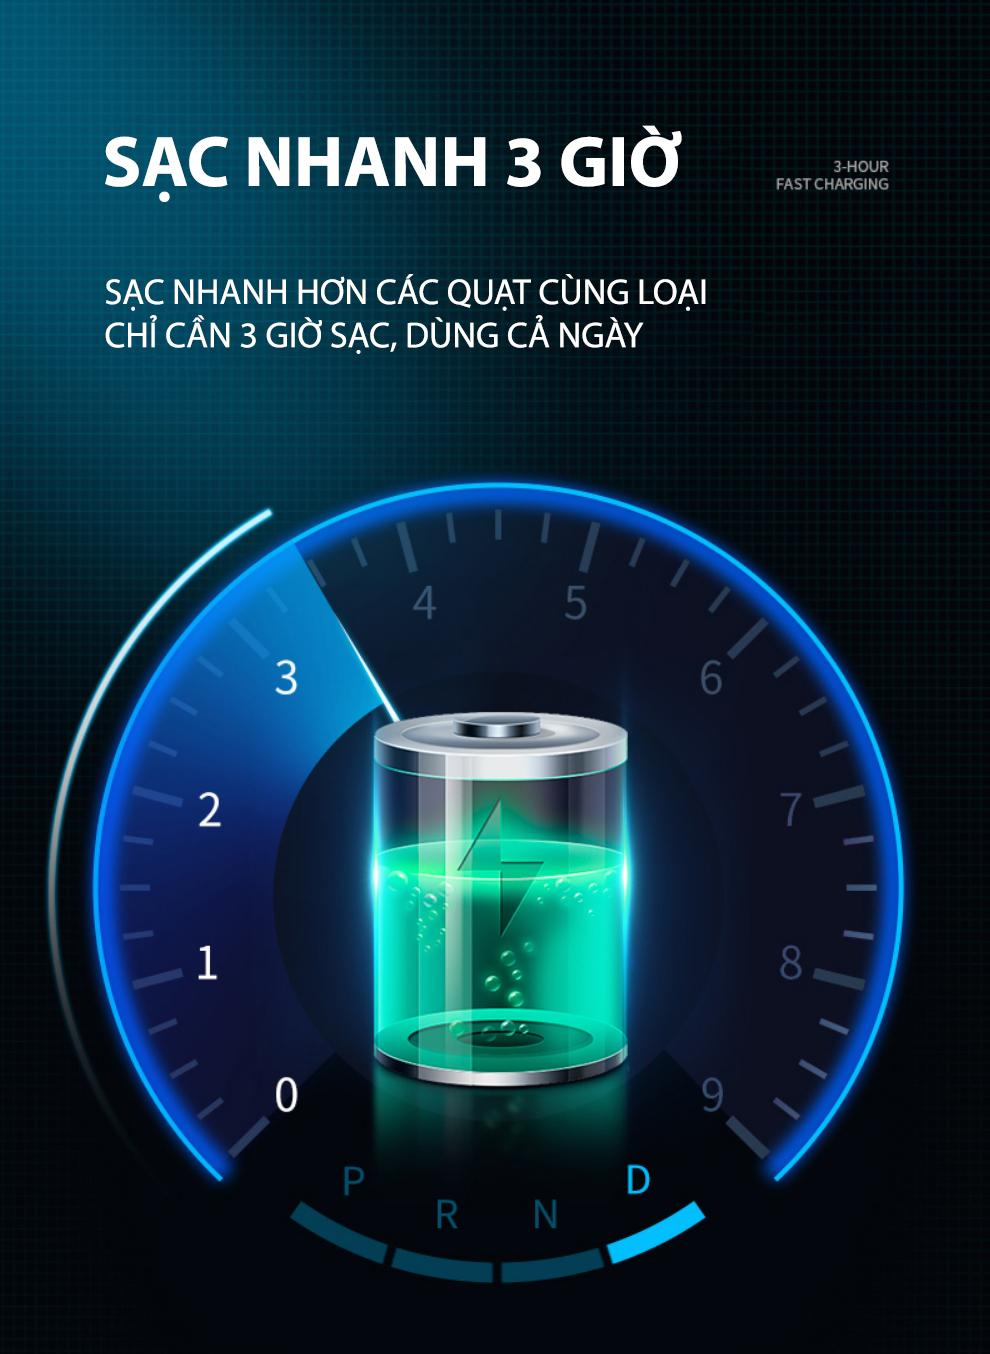 9c8c0bca671a4d13e3a2f27c0cb7c708 - Xiaomi Bear Mini Fan cao thủ về pin trong làng quạt cầm tay